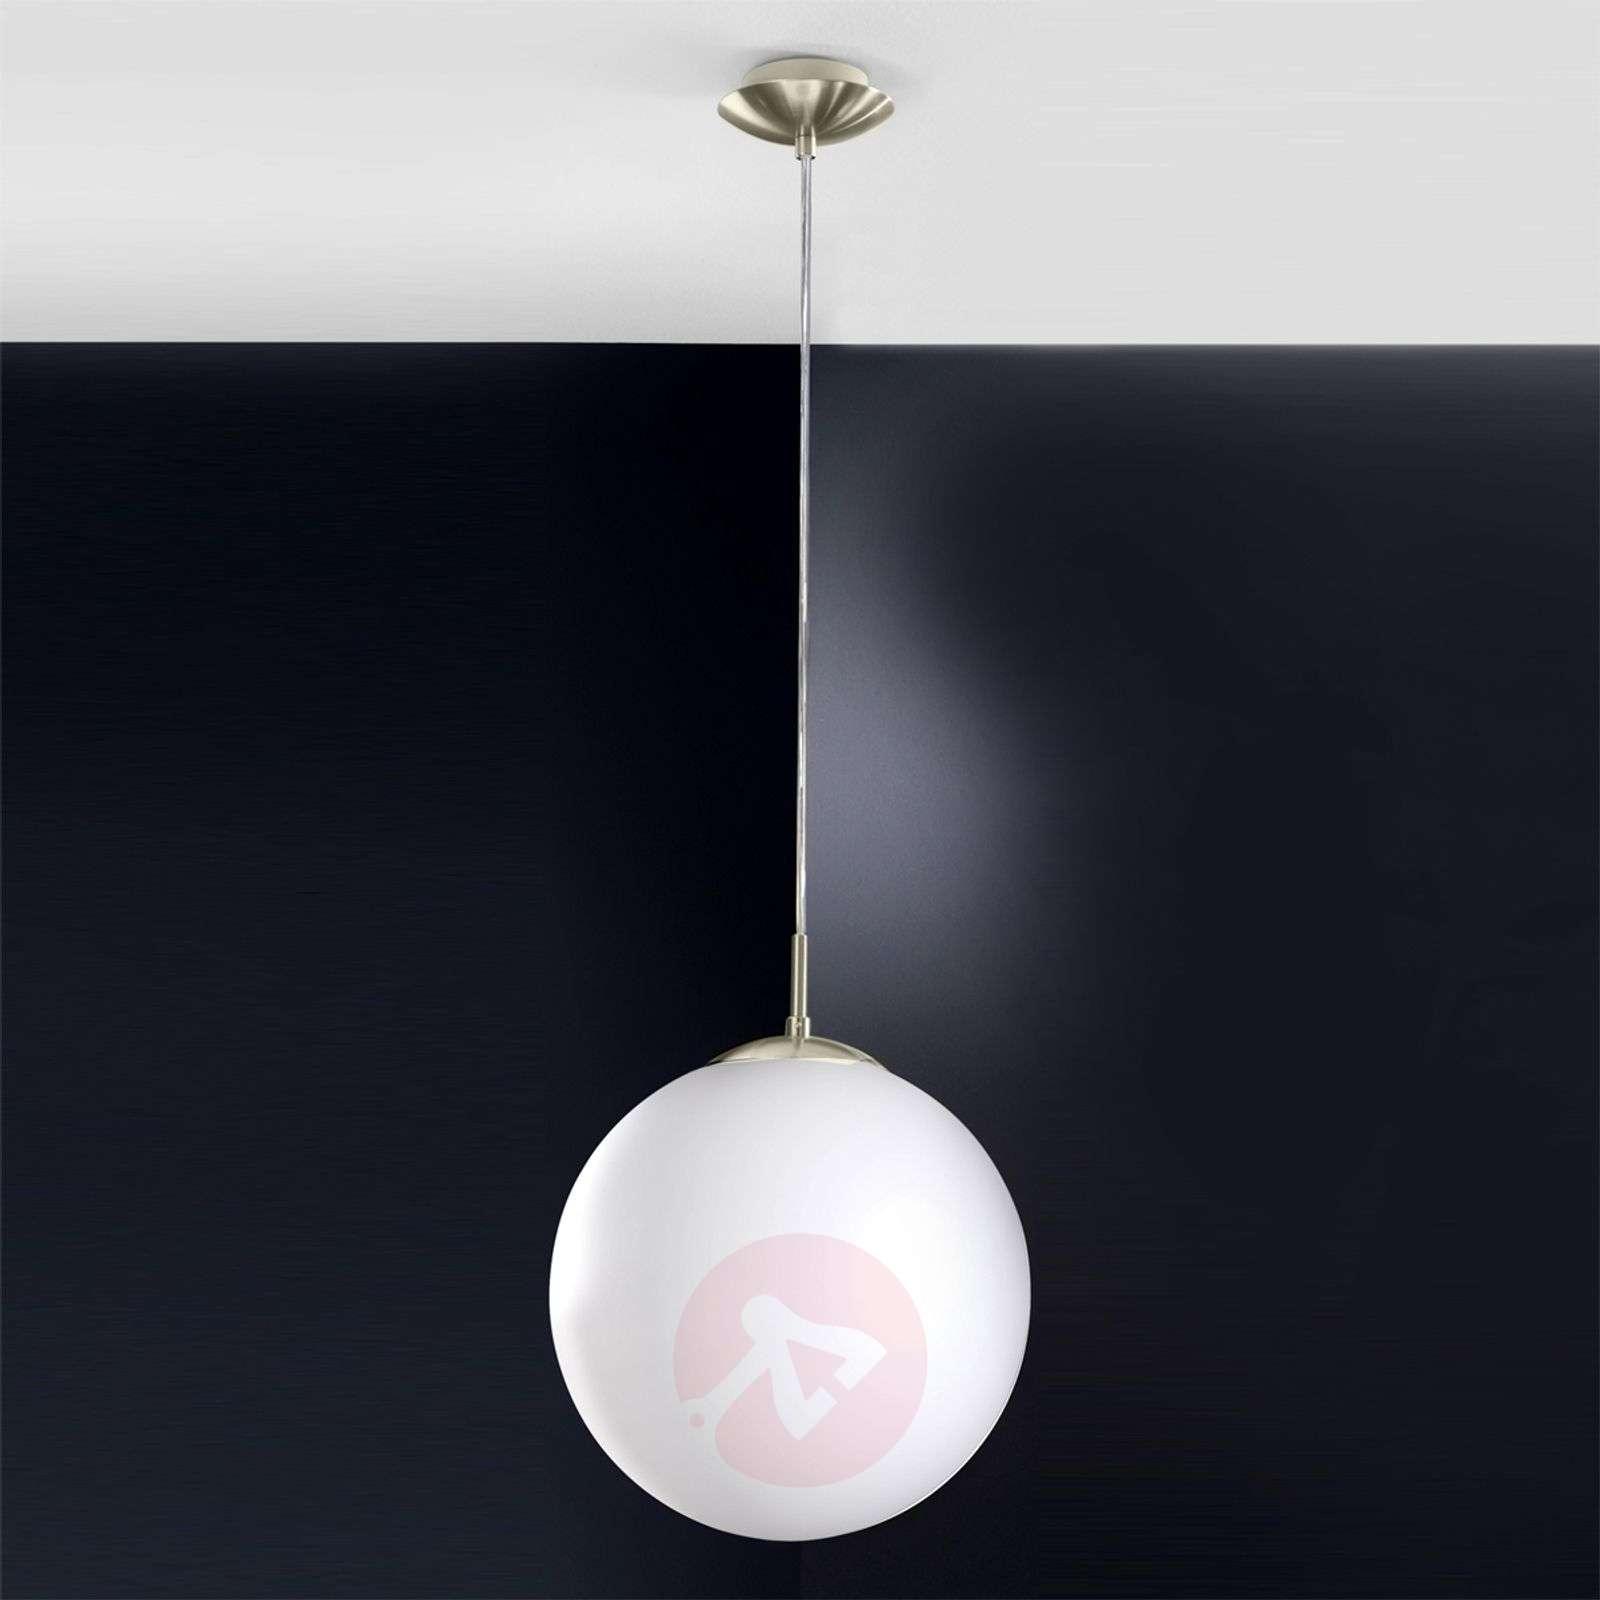 Rondo Elegant Pendant Lamp-3031252X-01